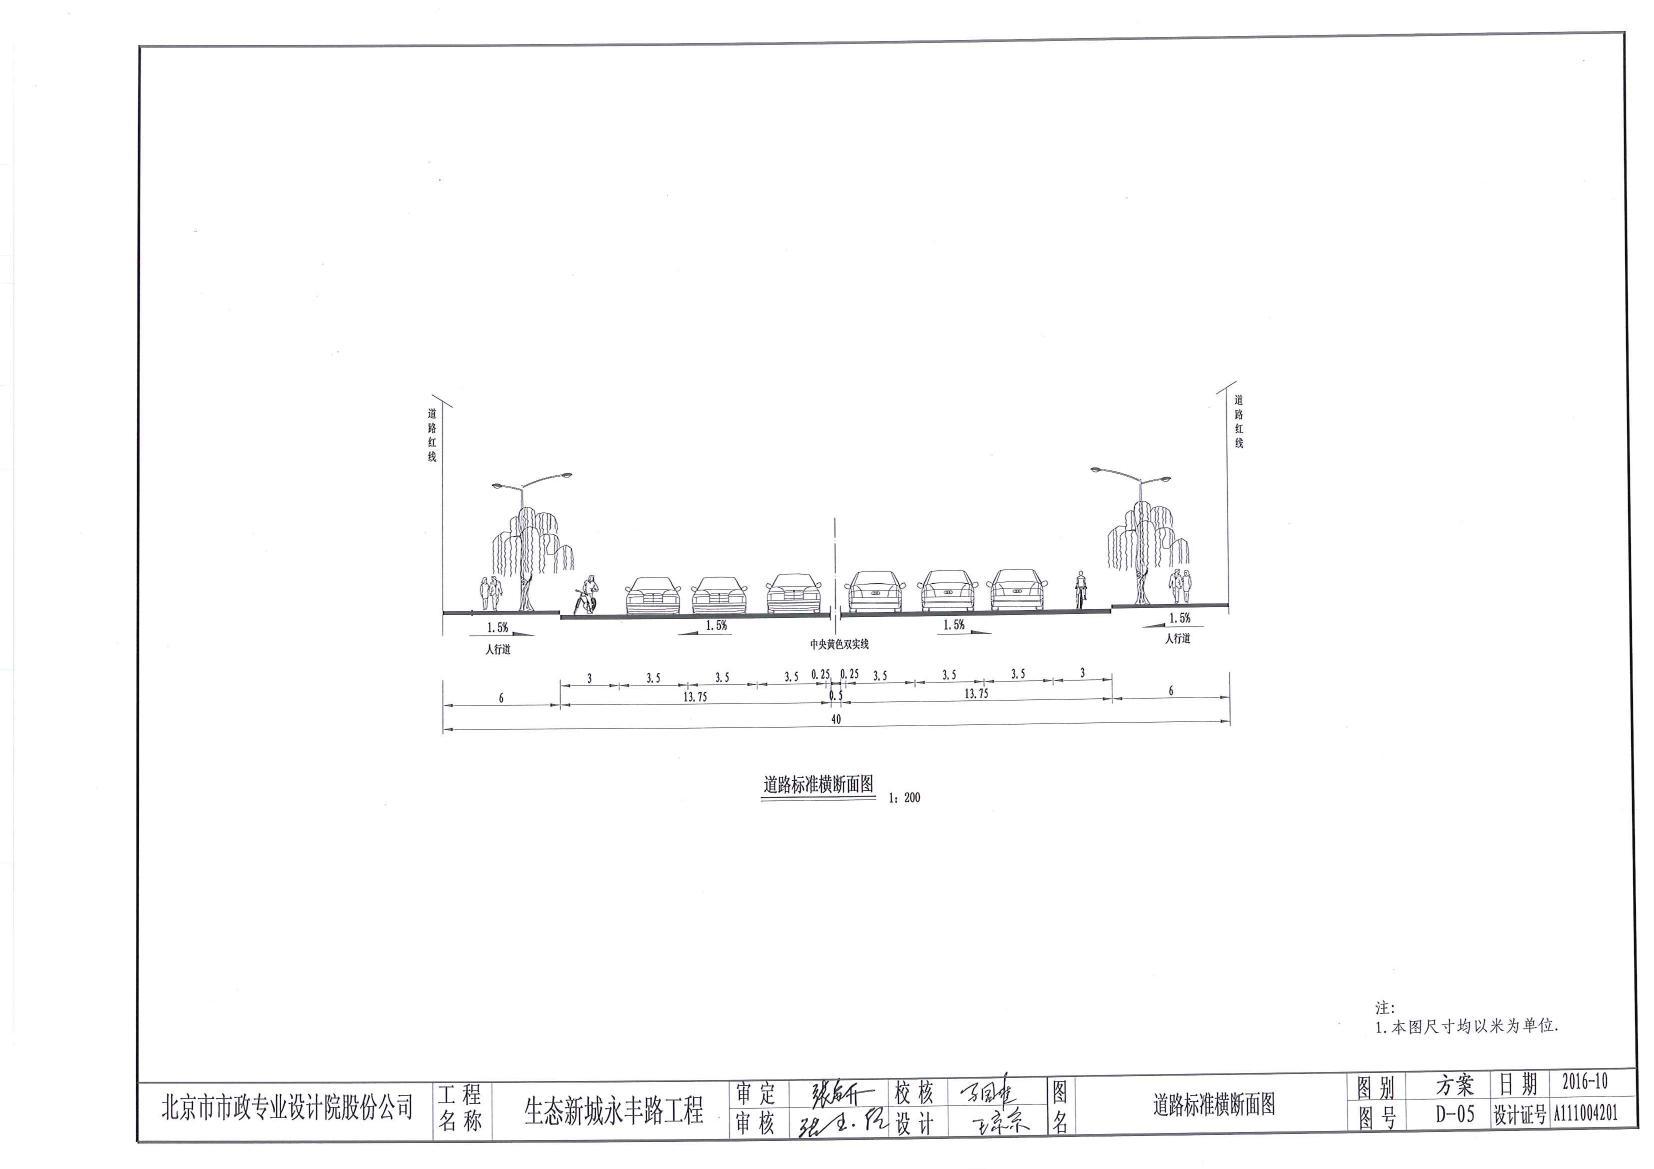 贺规公示〔2017〕215号 在符合贺州市城市总体规划的基础上,由贺州市正通投资有限公司委托设计单位编制了贺州市生态新城永丰路工程方案设计调整,并经贺州市规划局规划设计审查小组2017年第11次会议、贺州市城市规划专业审批委员会2017年第8次成员会议审议通过。现将该设计方案向社会公示[公示期7天:2017年11月7日至2017年11月13日,公示地址:贺州市规划局网站http://www.